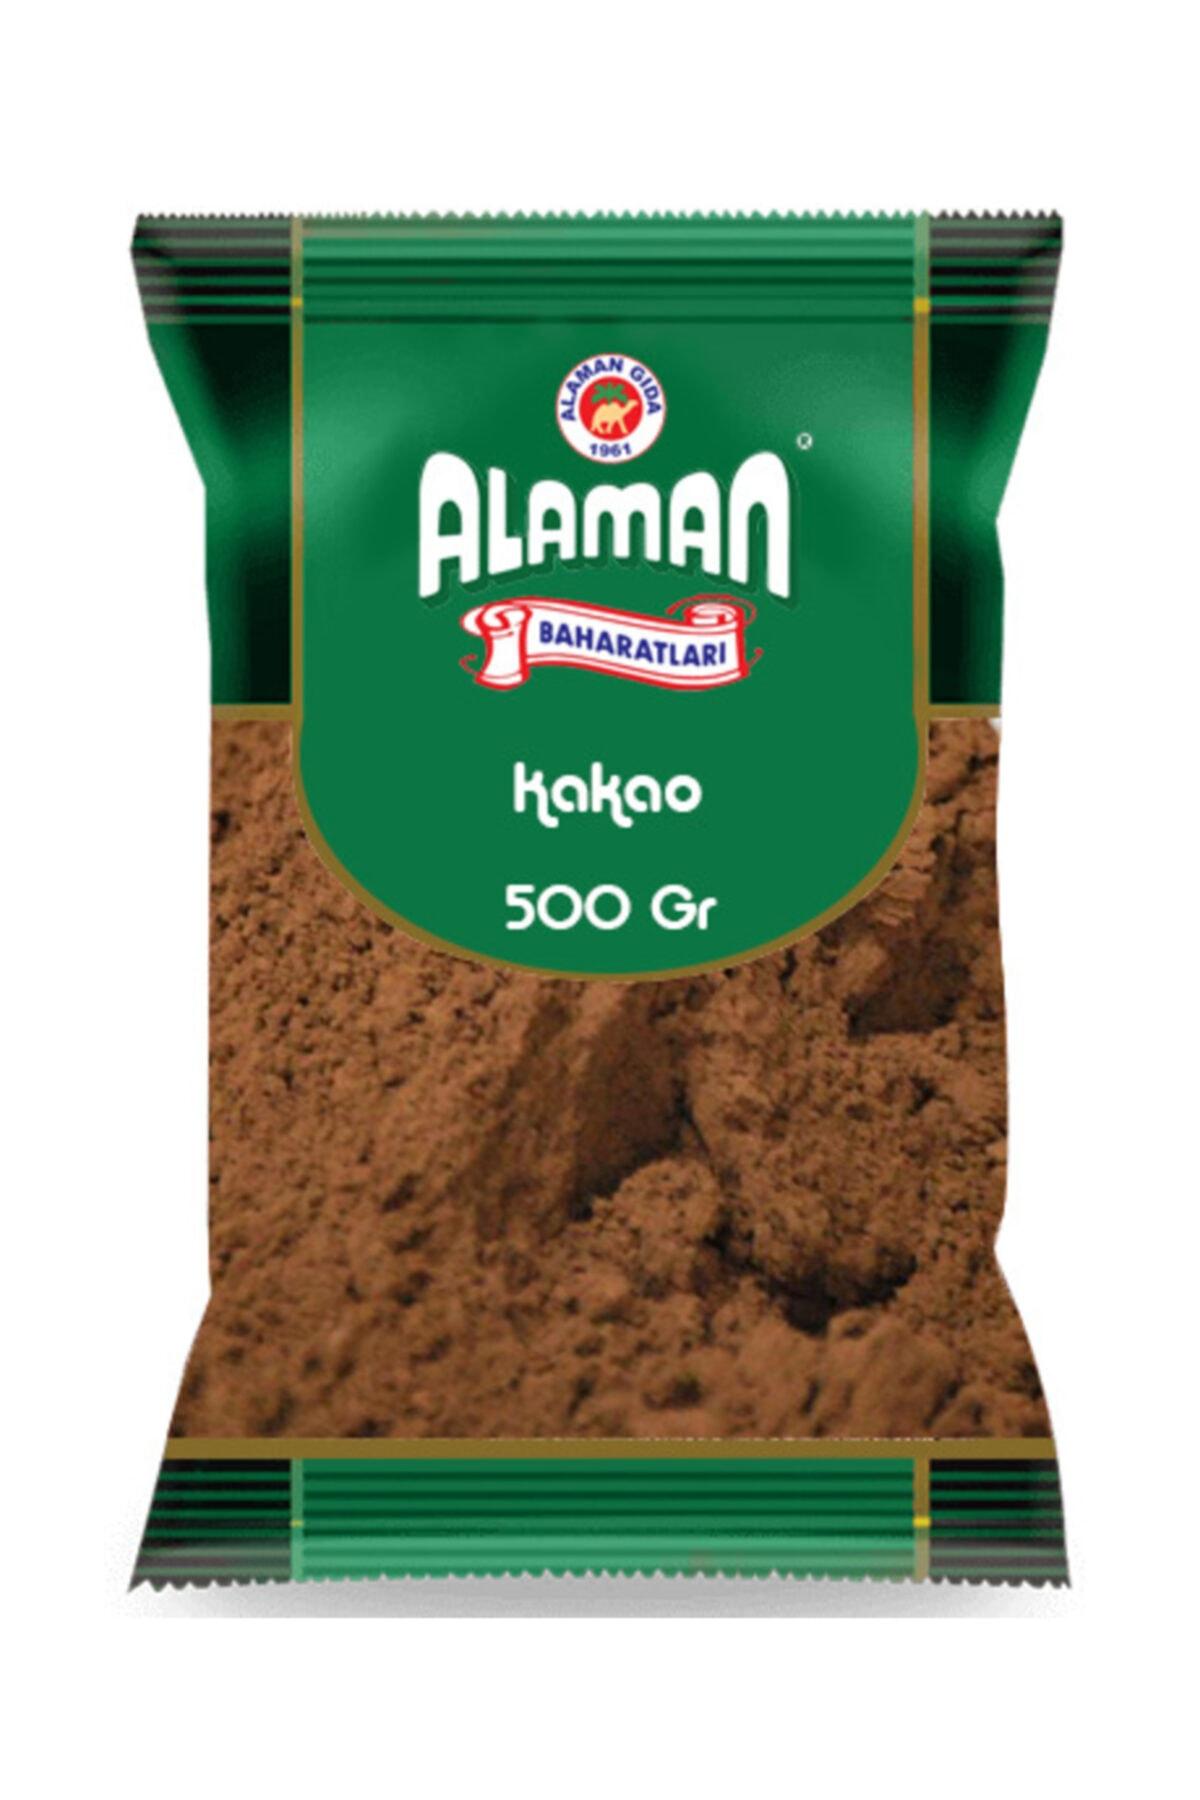 ALAMAN BAHARAT Kakao 500 Gr 1